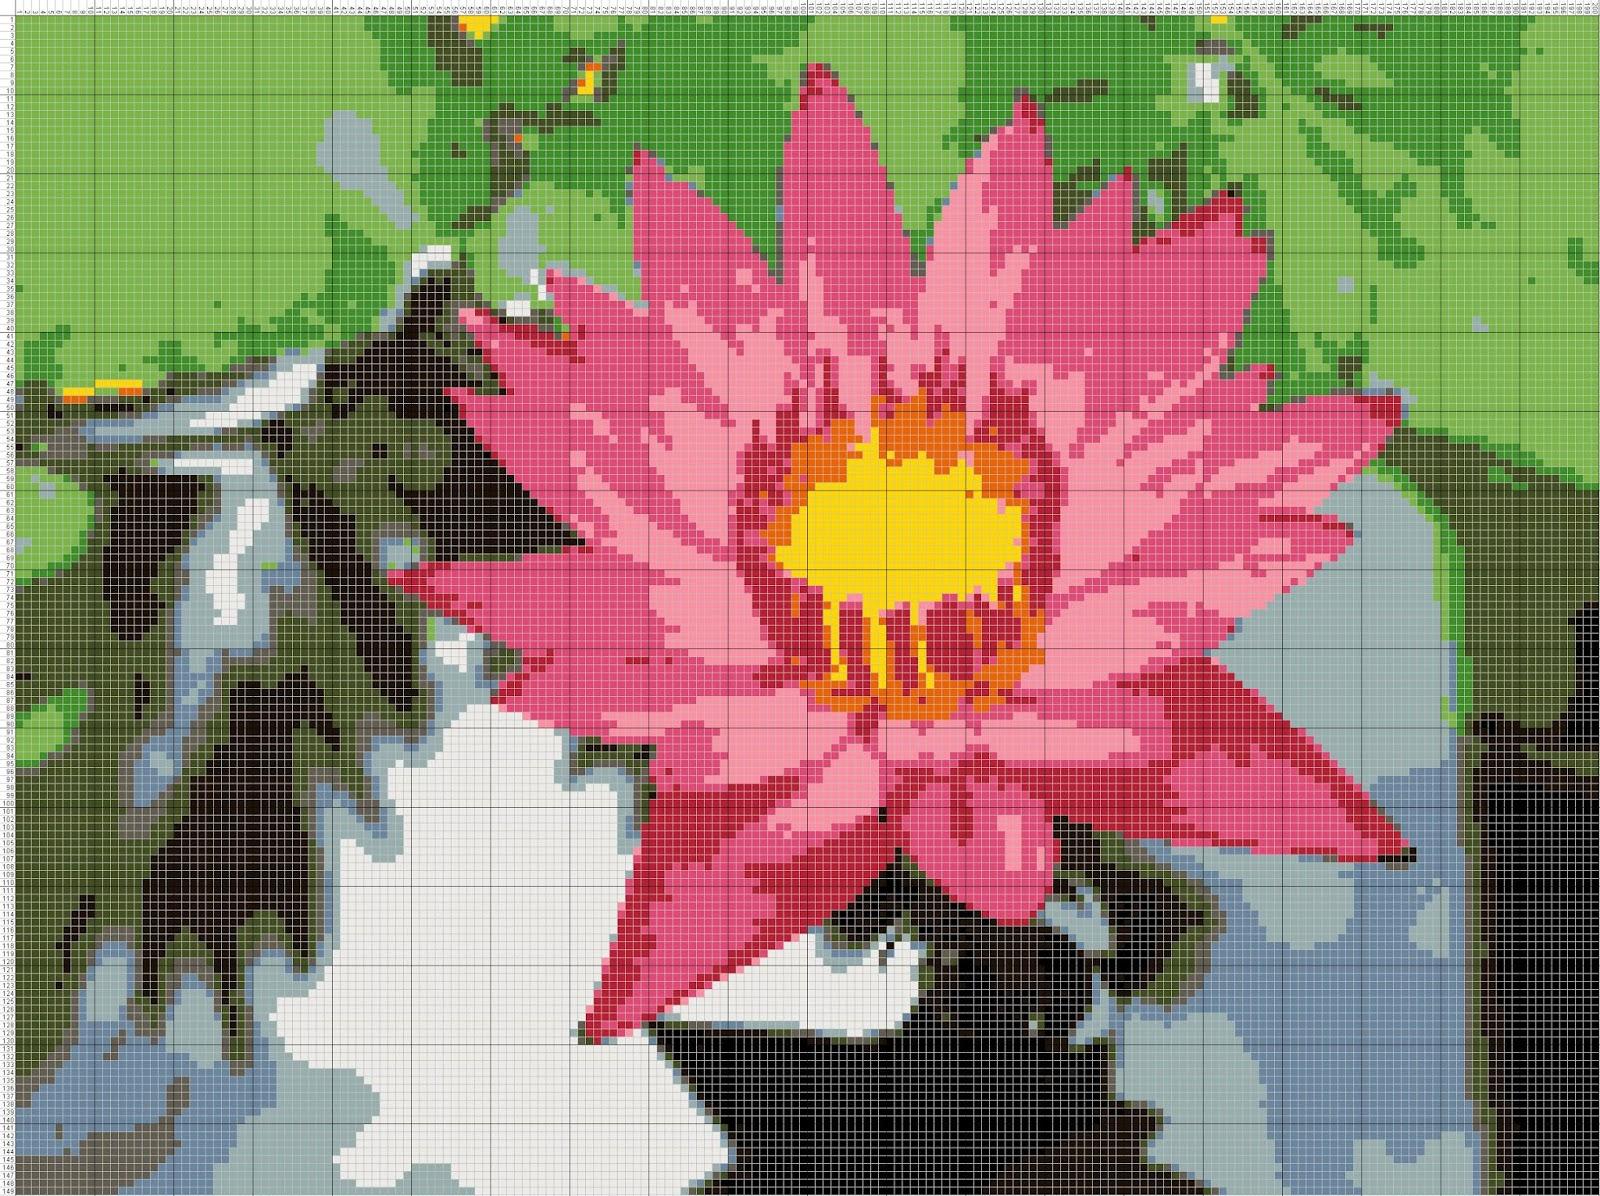 Gambar Pola Kristik Bunga Teratai Free Cross Stitch Pattern